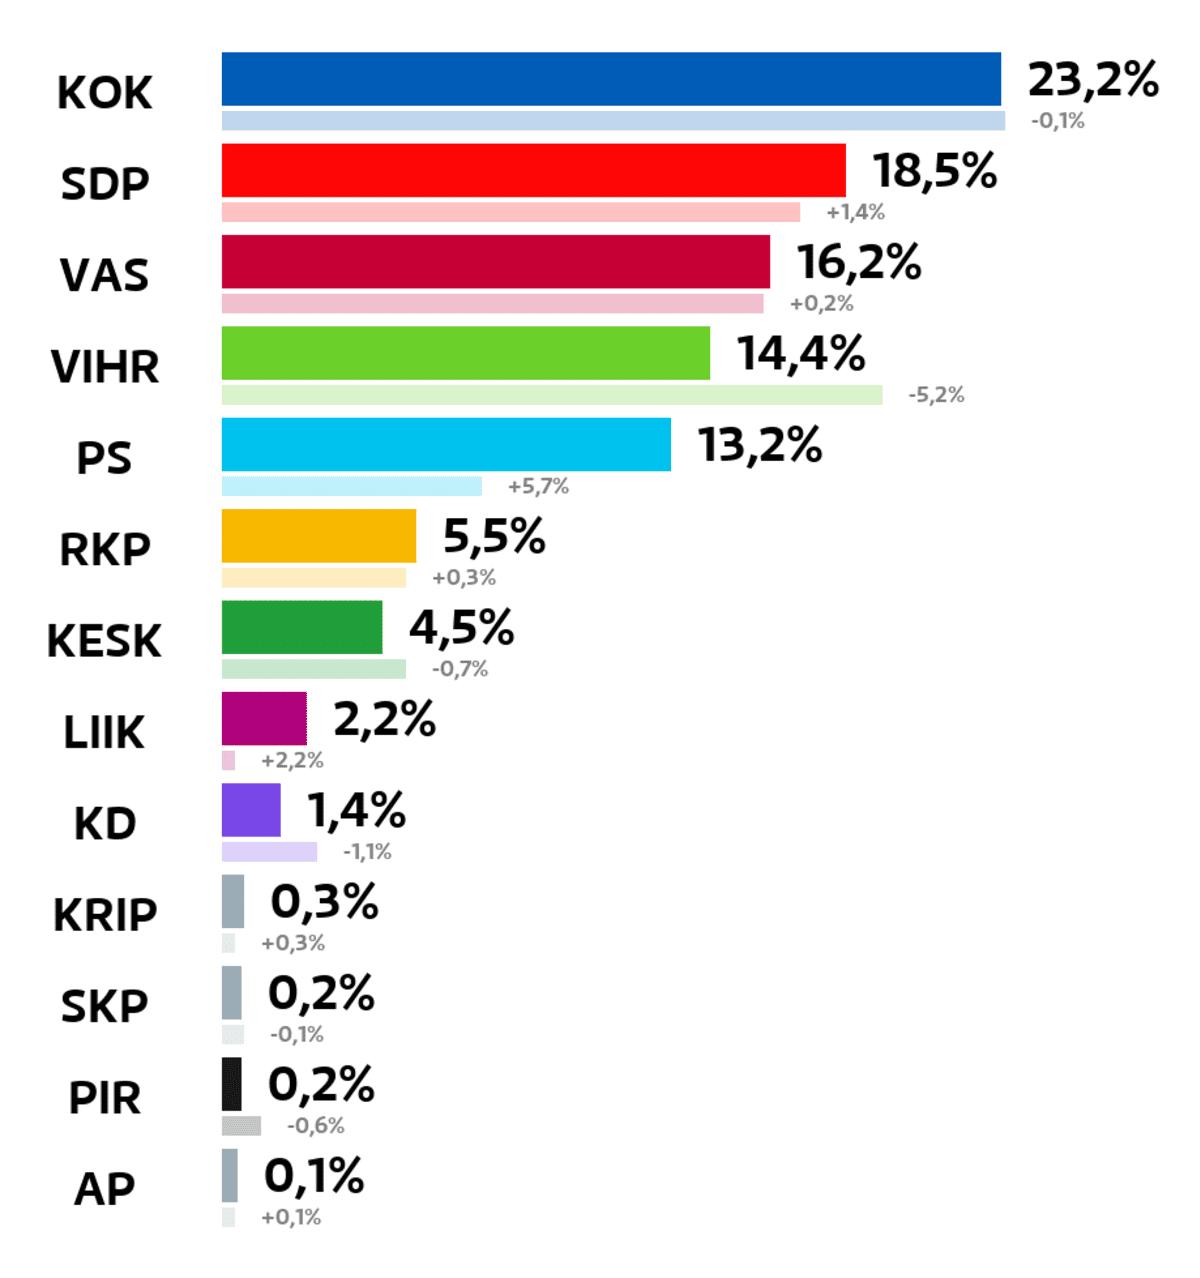 Turku: Kuntavaalien tulos (%) Kokoomus: 23,2 prosenttia SDP: 18,5 prosenttia Vasemmistoliitto: 16,2 prosenttia Vihreät: 14,4 prosenttia Perussuomalaiset: 13,2 prosenttia RKP: 5,5 prosenttia Keskusta: 4,5 prosenttia Liike Nyt: 2,2 prosenttia Kristillisdemokraatit: 1,4 prosenttia Kristallipuolue: 0,3 prosenttia Suomen Kommunistinen Puolue: 0,2 prosenttia Piraattipuolue: 0,2 prosenttia Avoin Puolue: 0,1 prosenttia